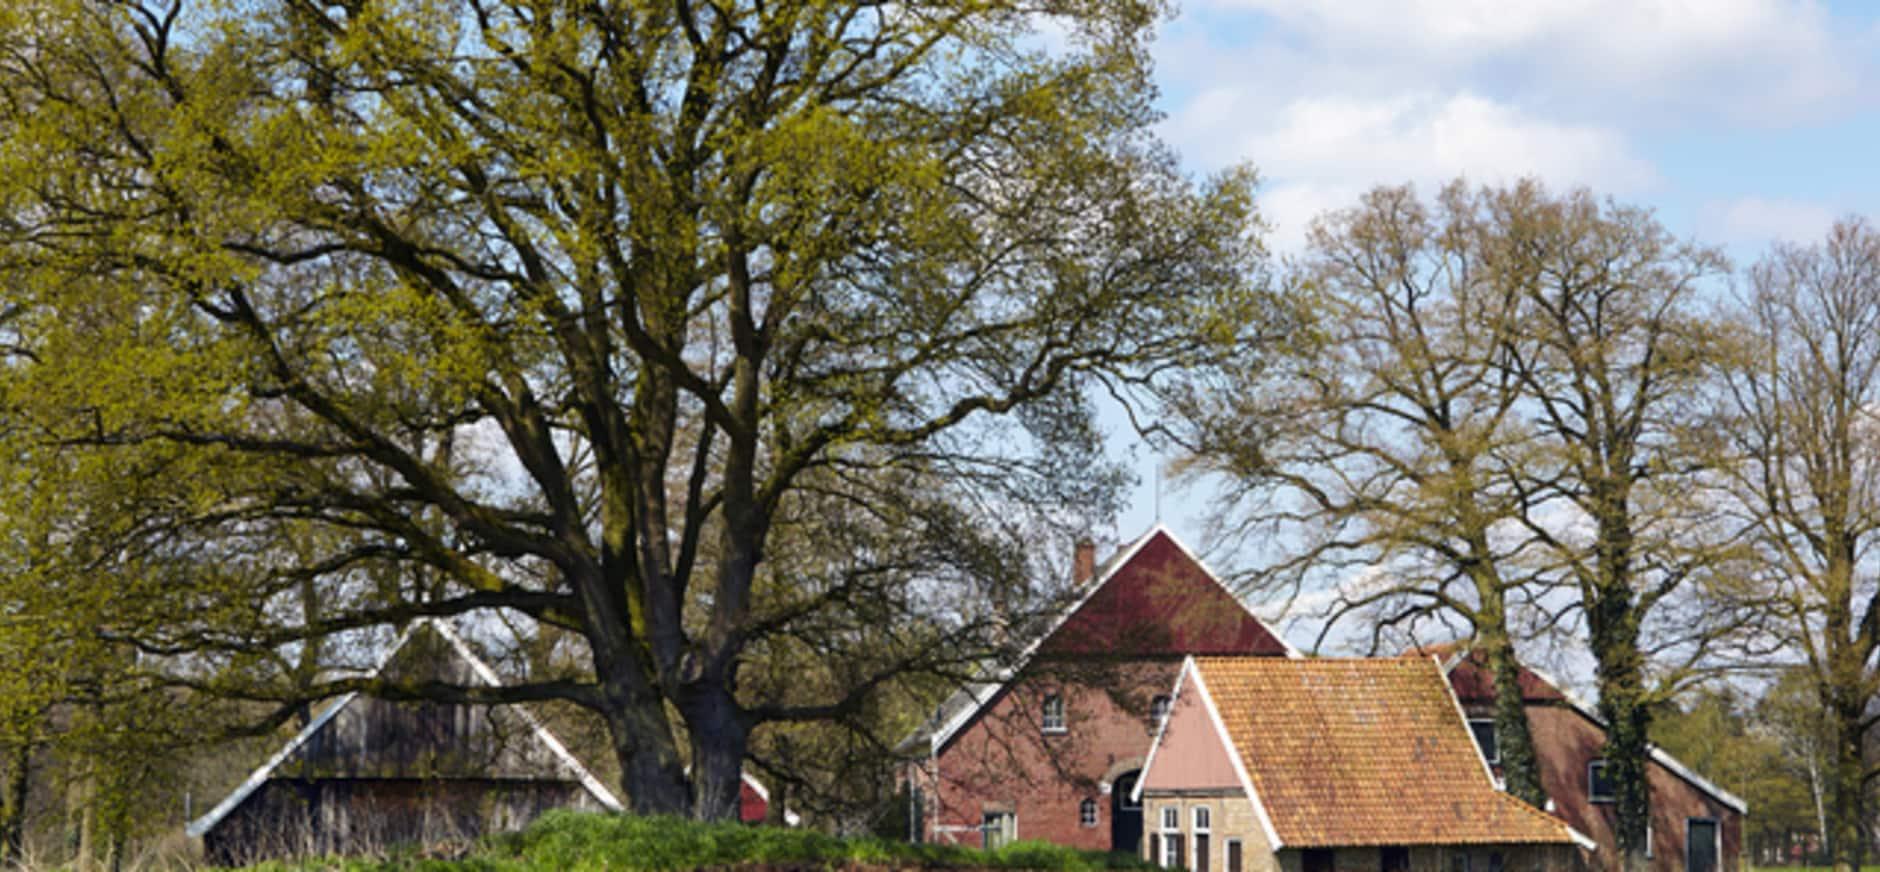 Ondernemer gezocht voor Keunenhuis, Winterswijk